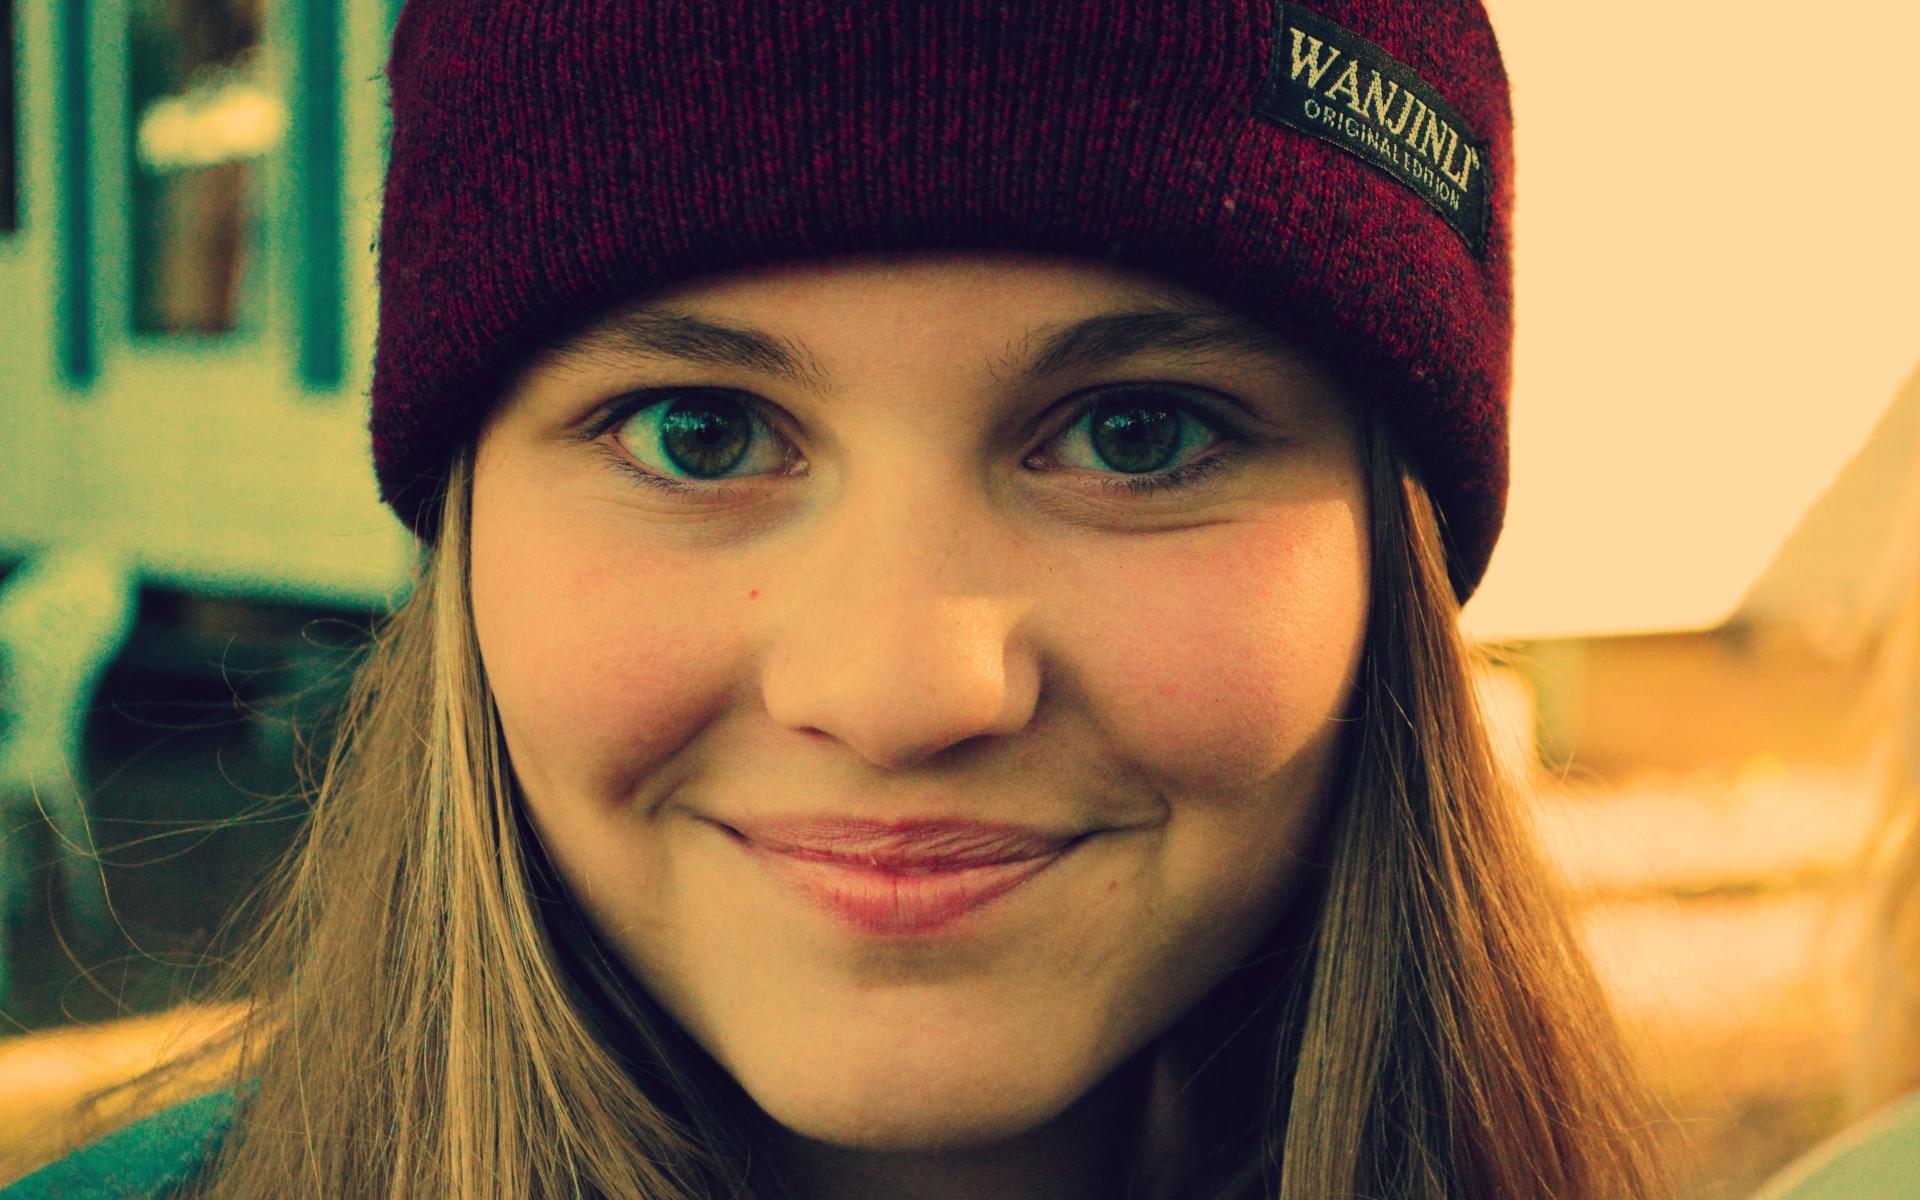 Chica sonriendo con gorra - 1920x1200